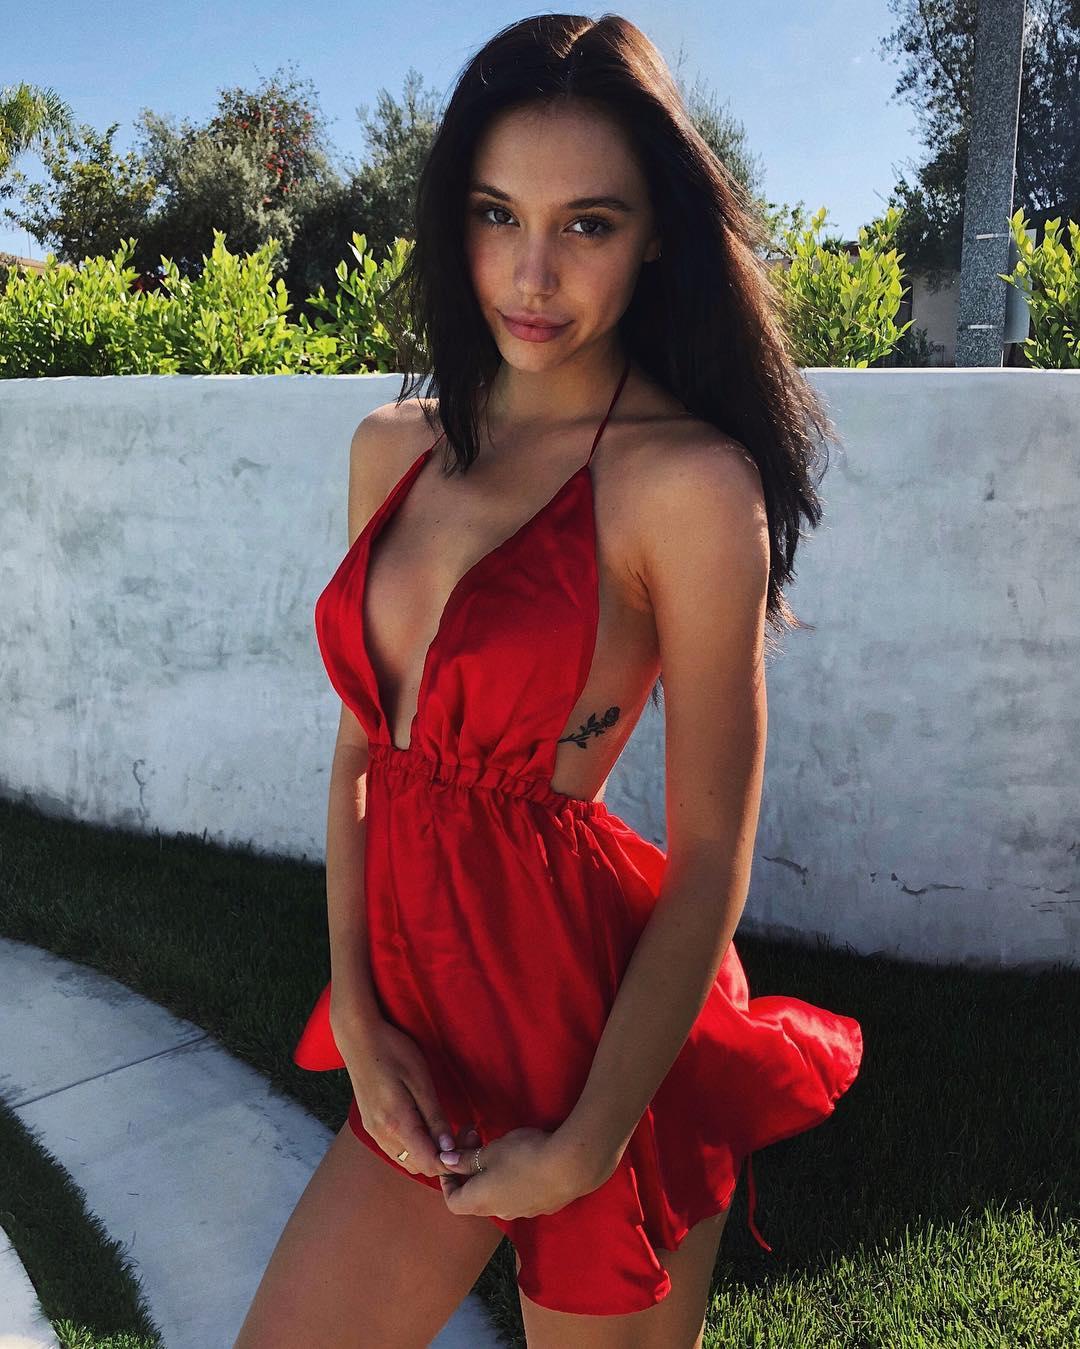 Alexis Ren (Instagram/alexisren)